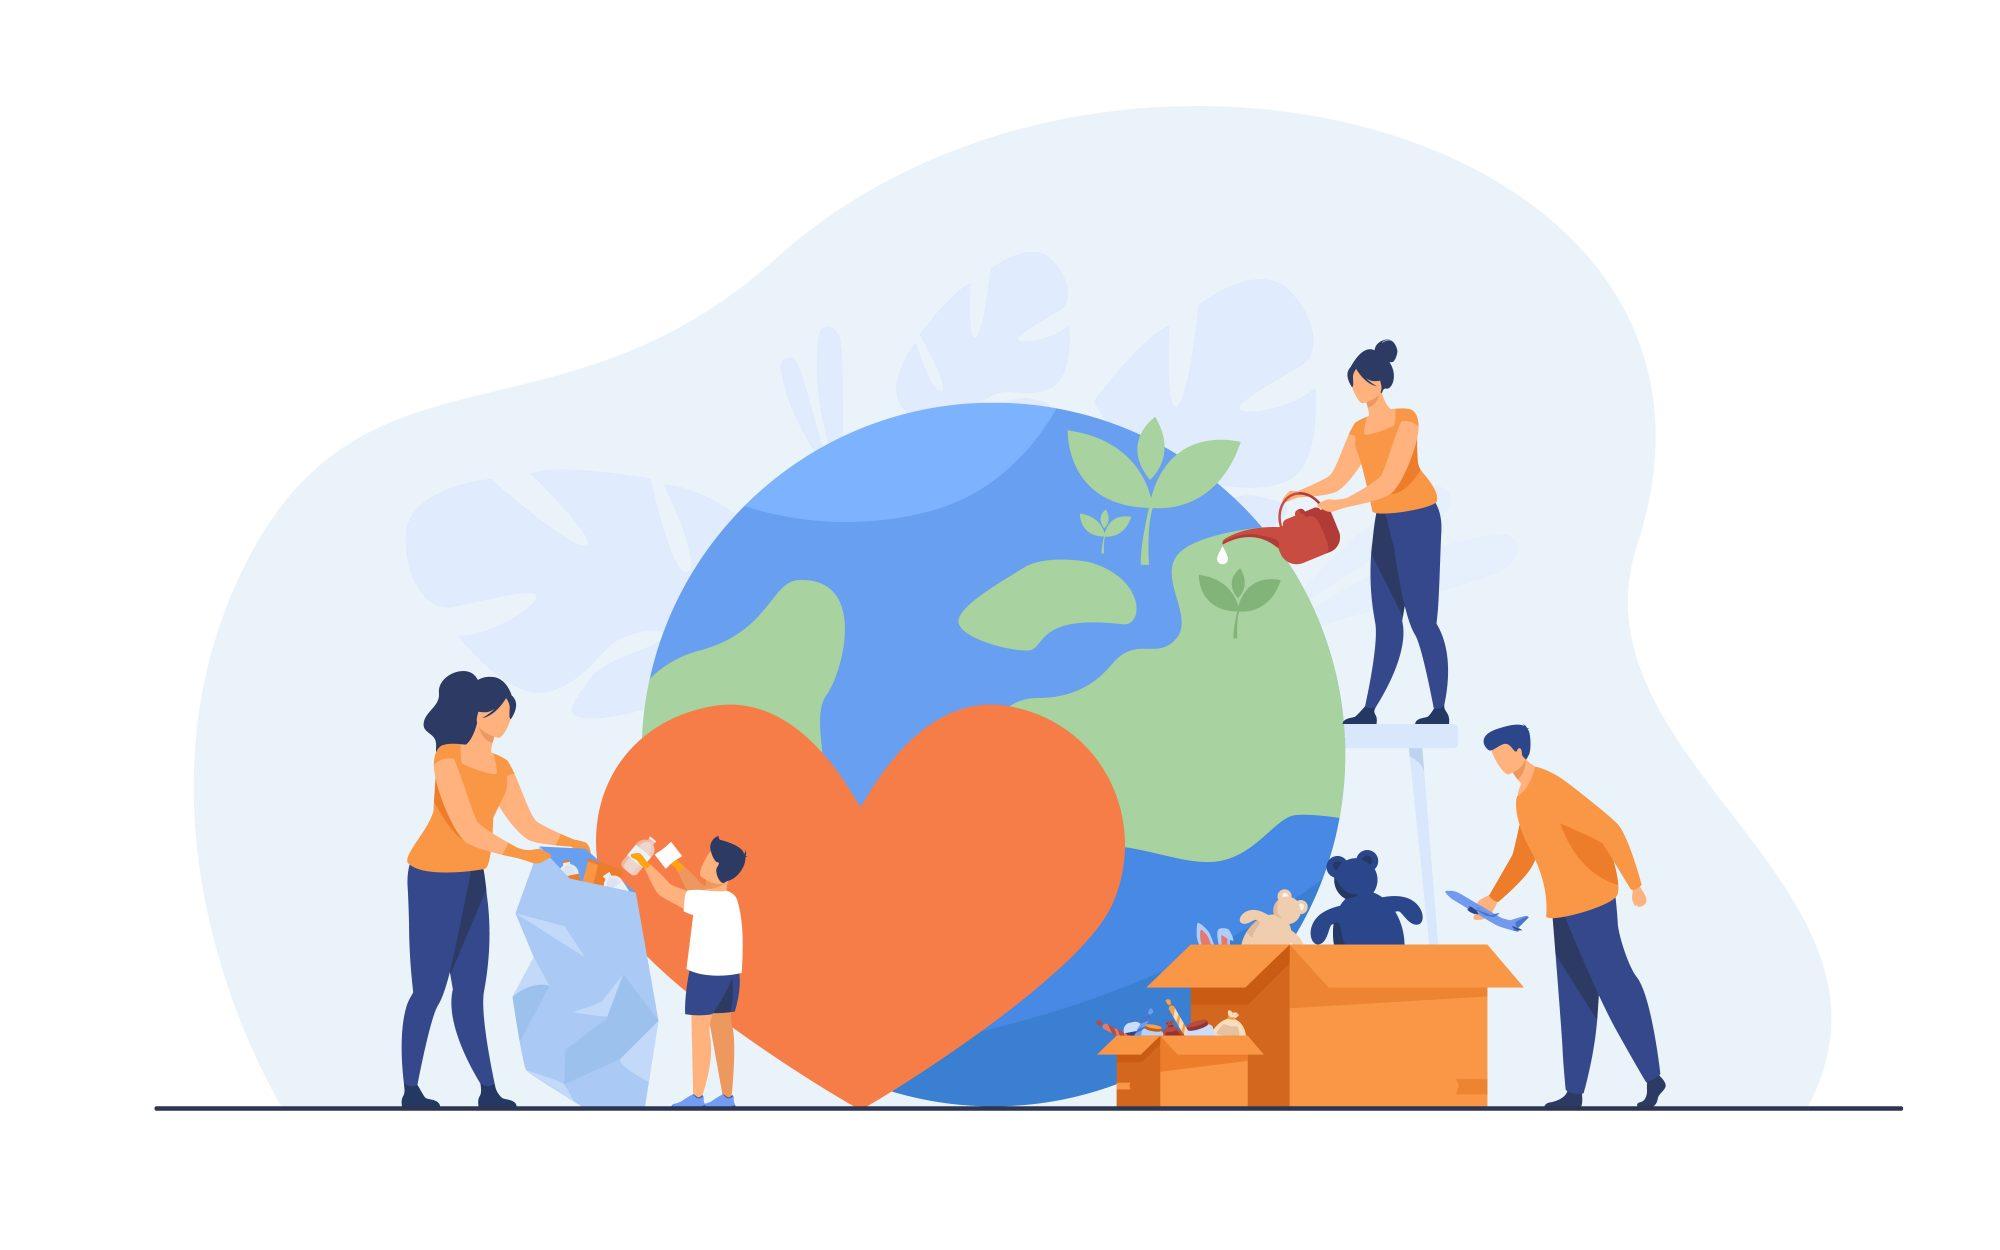 Volunteering globe